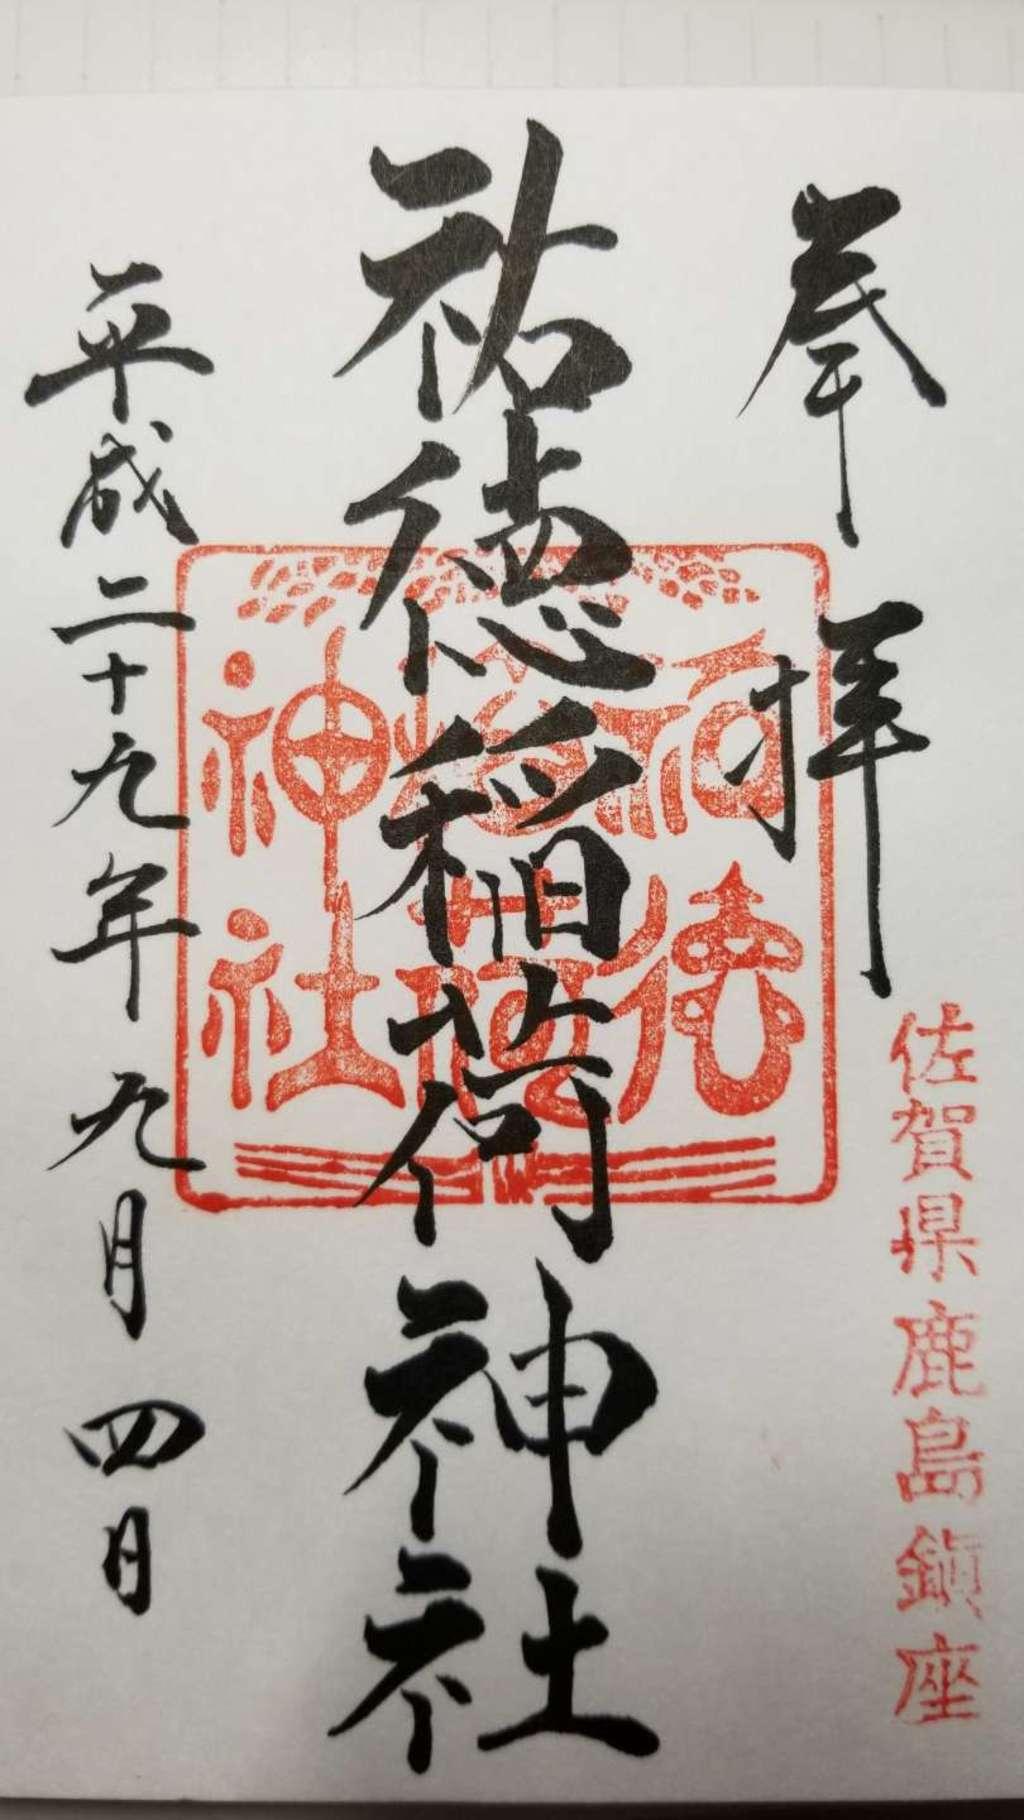 祐徳稲荷神社(佐賀県)